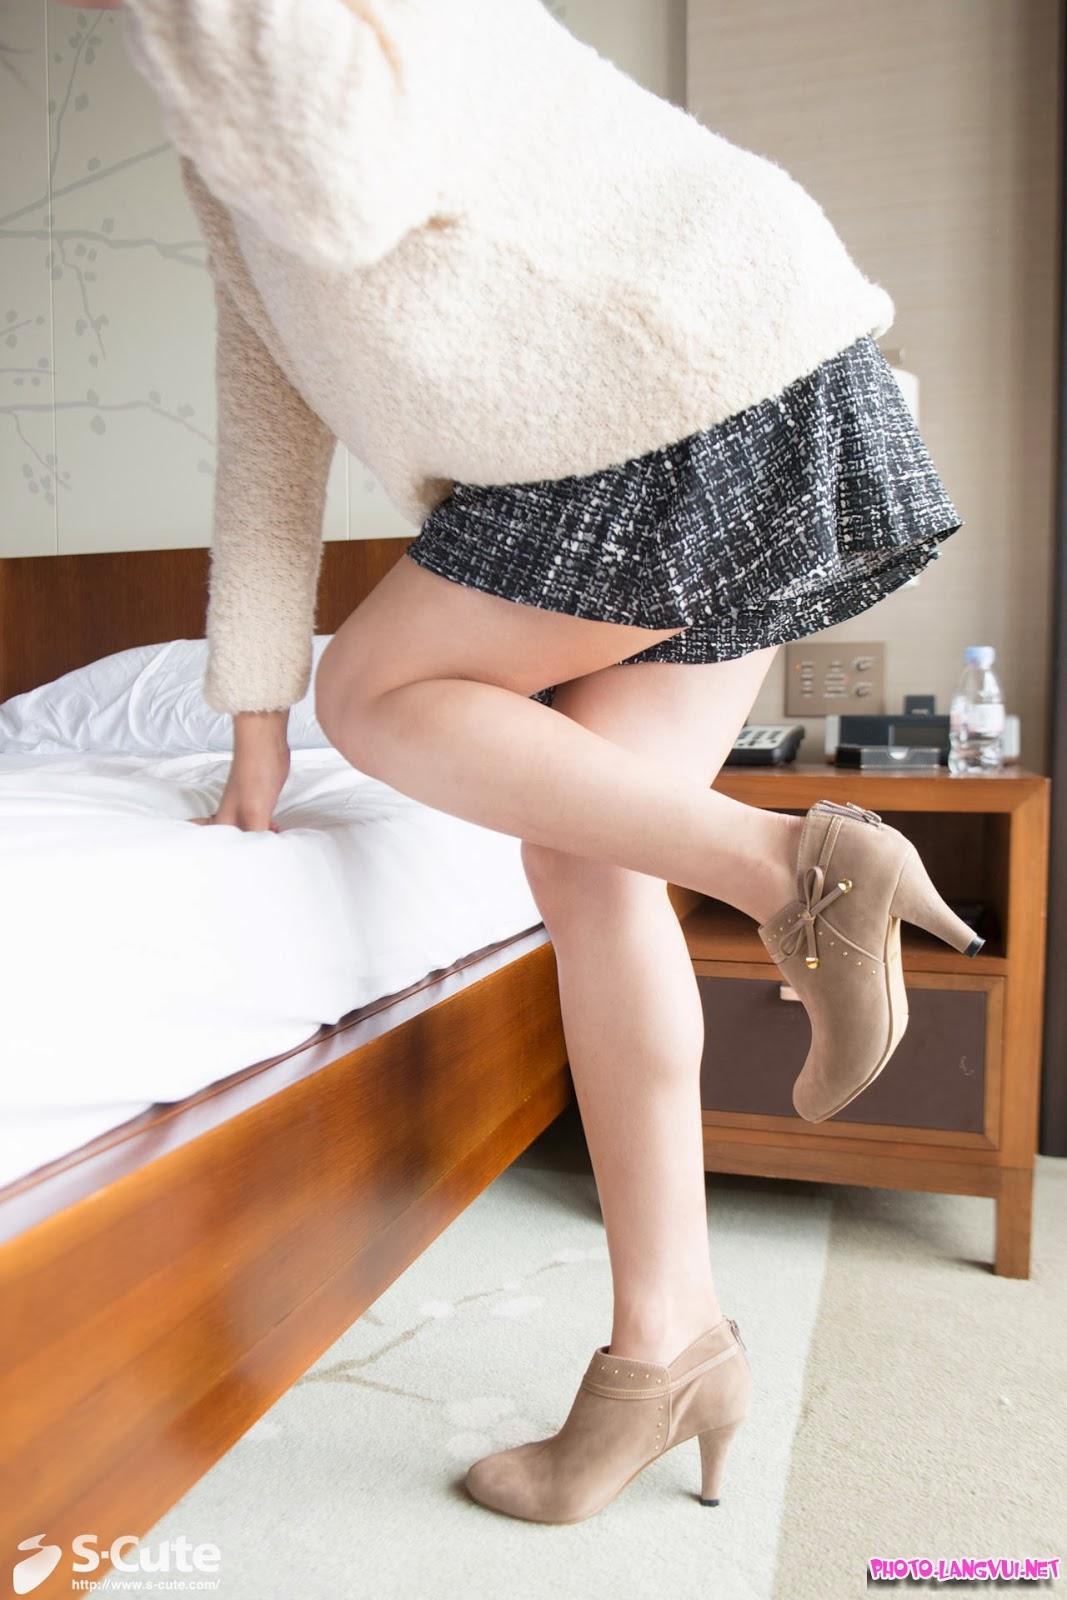 S-cute Yuna